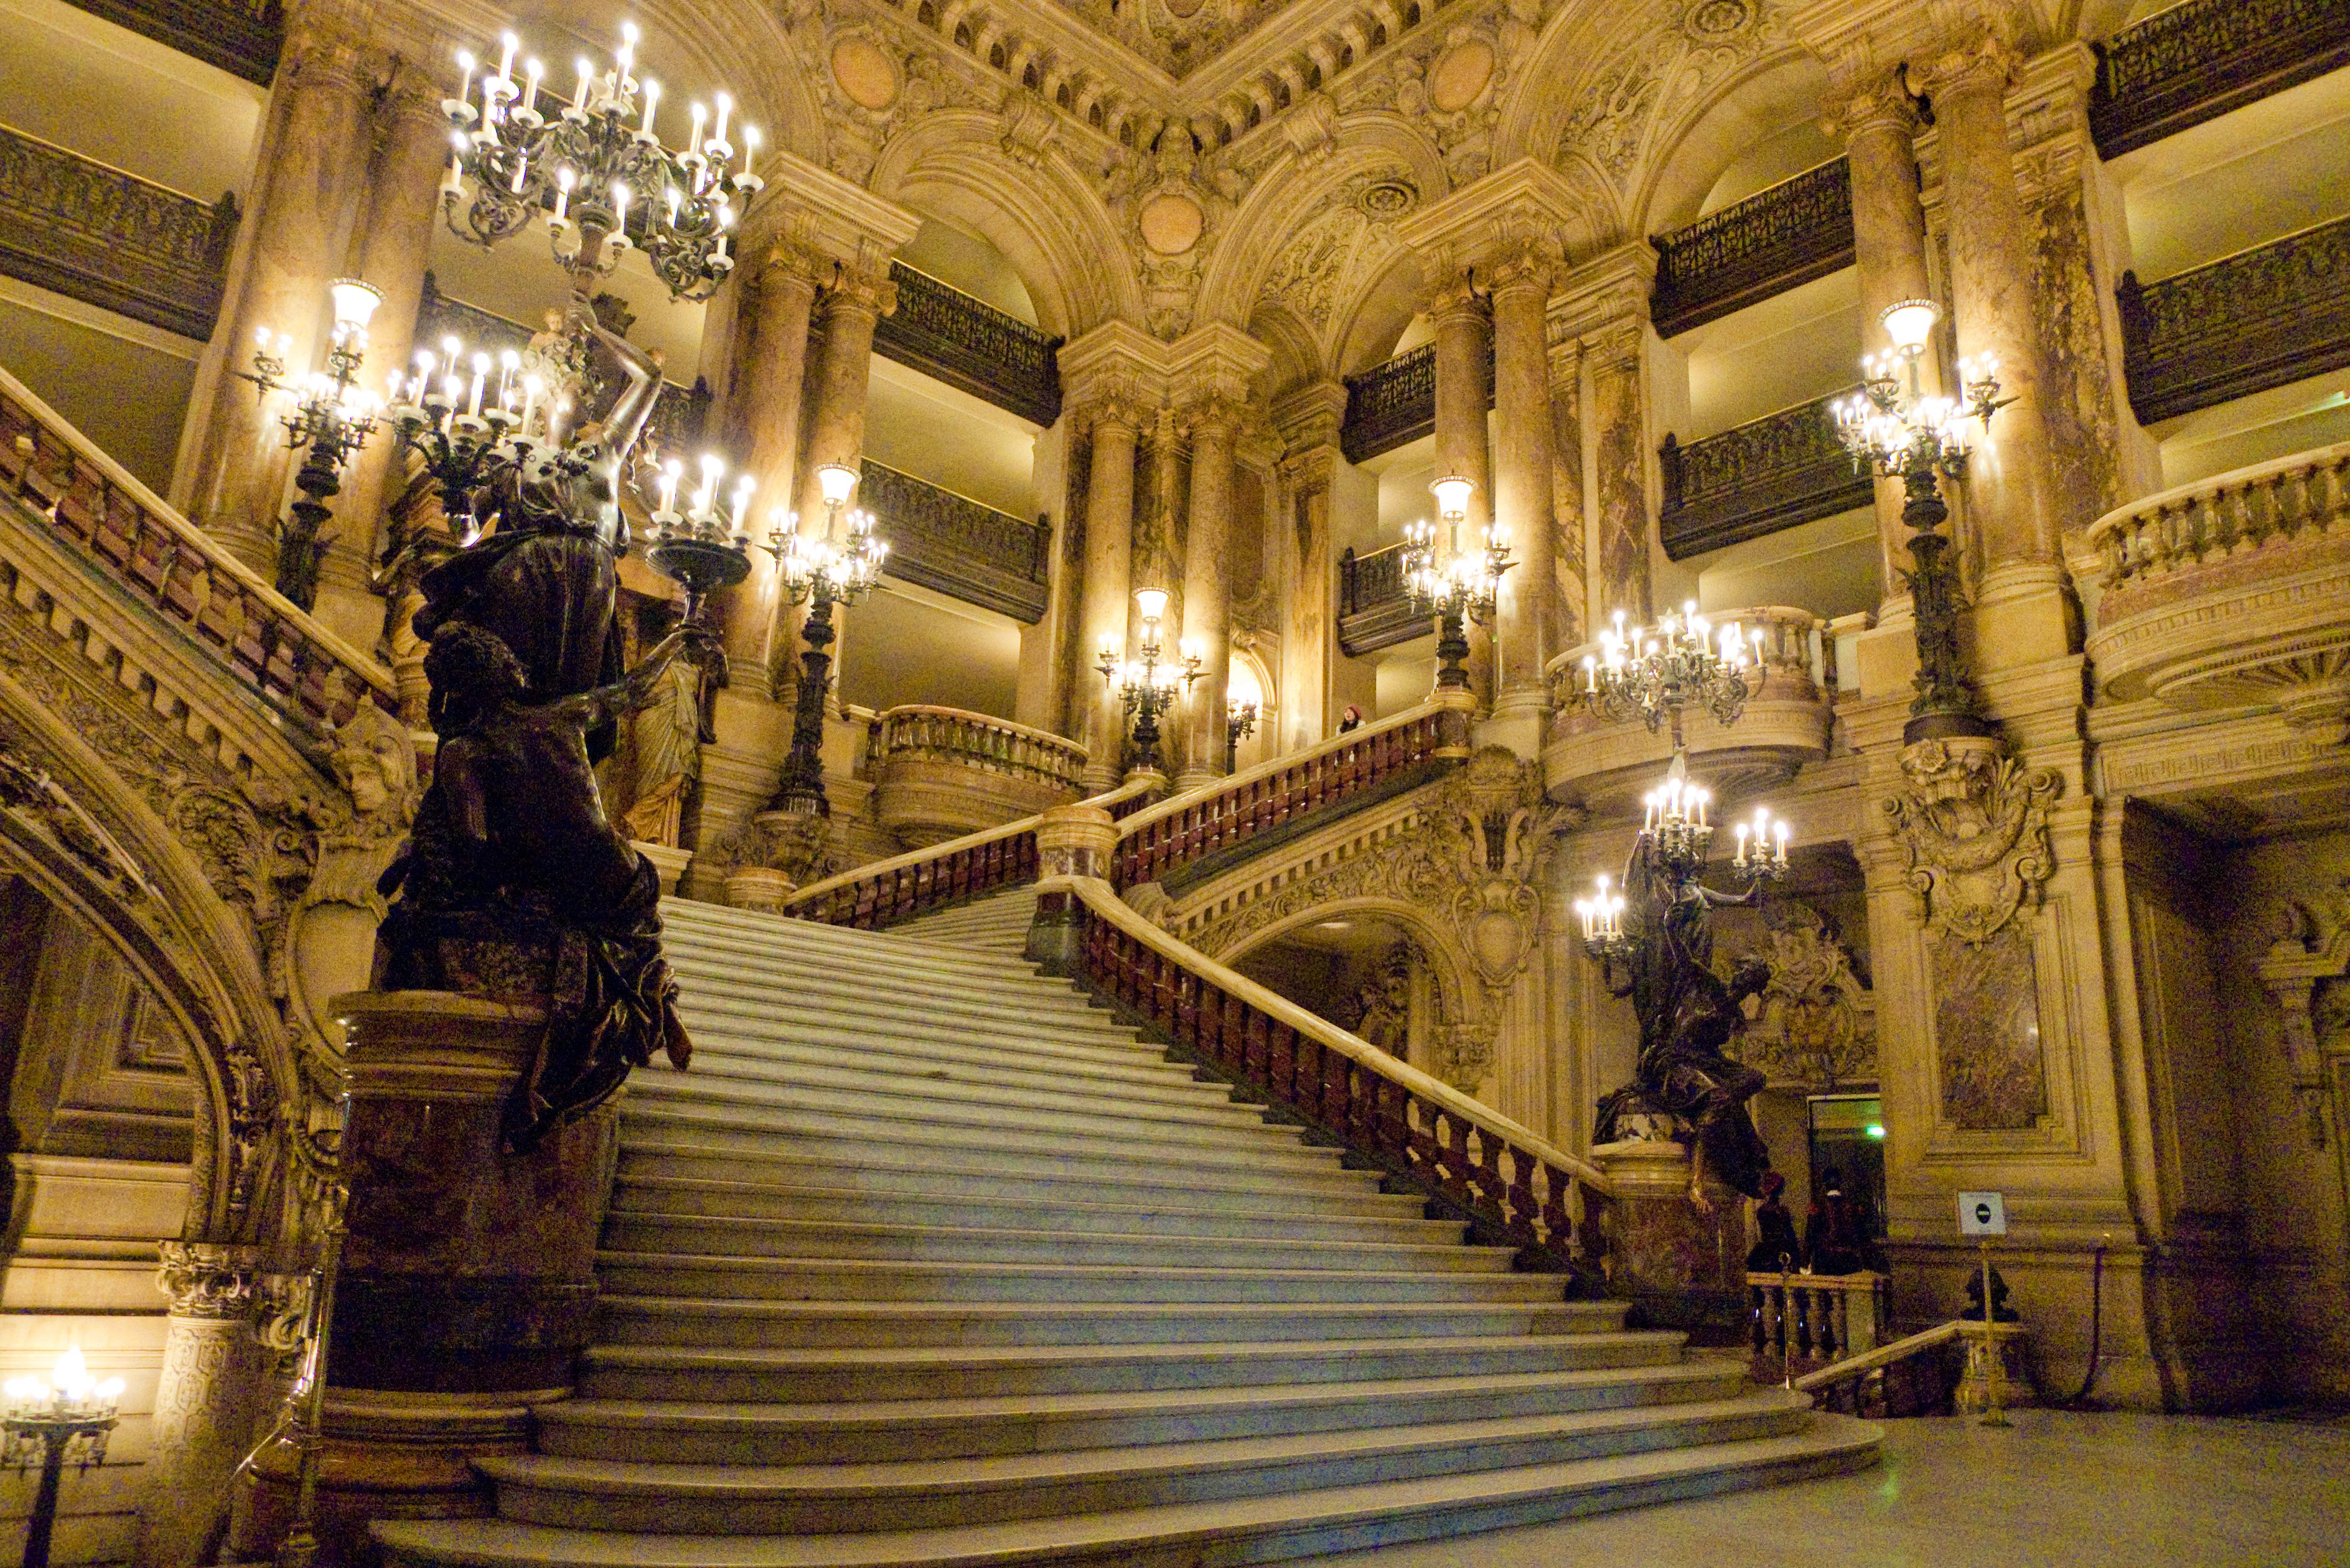 Парадная-лестницы_Гранд_Опера_театр-Париж